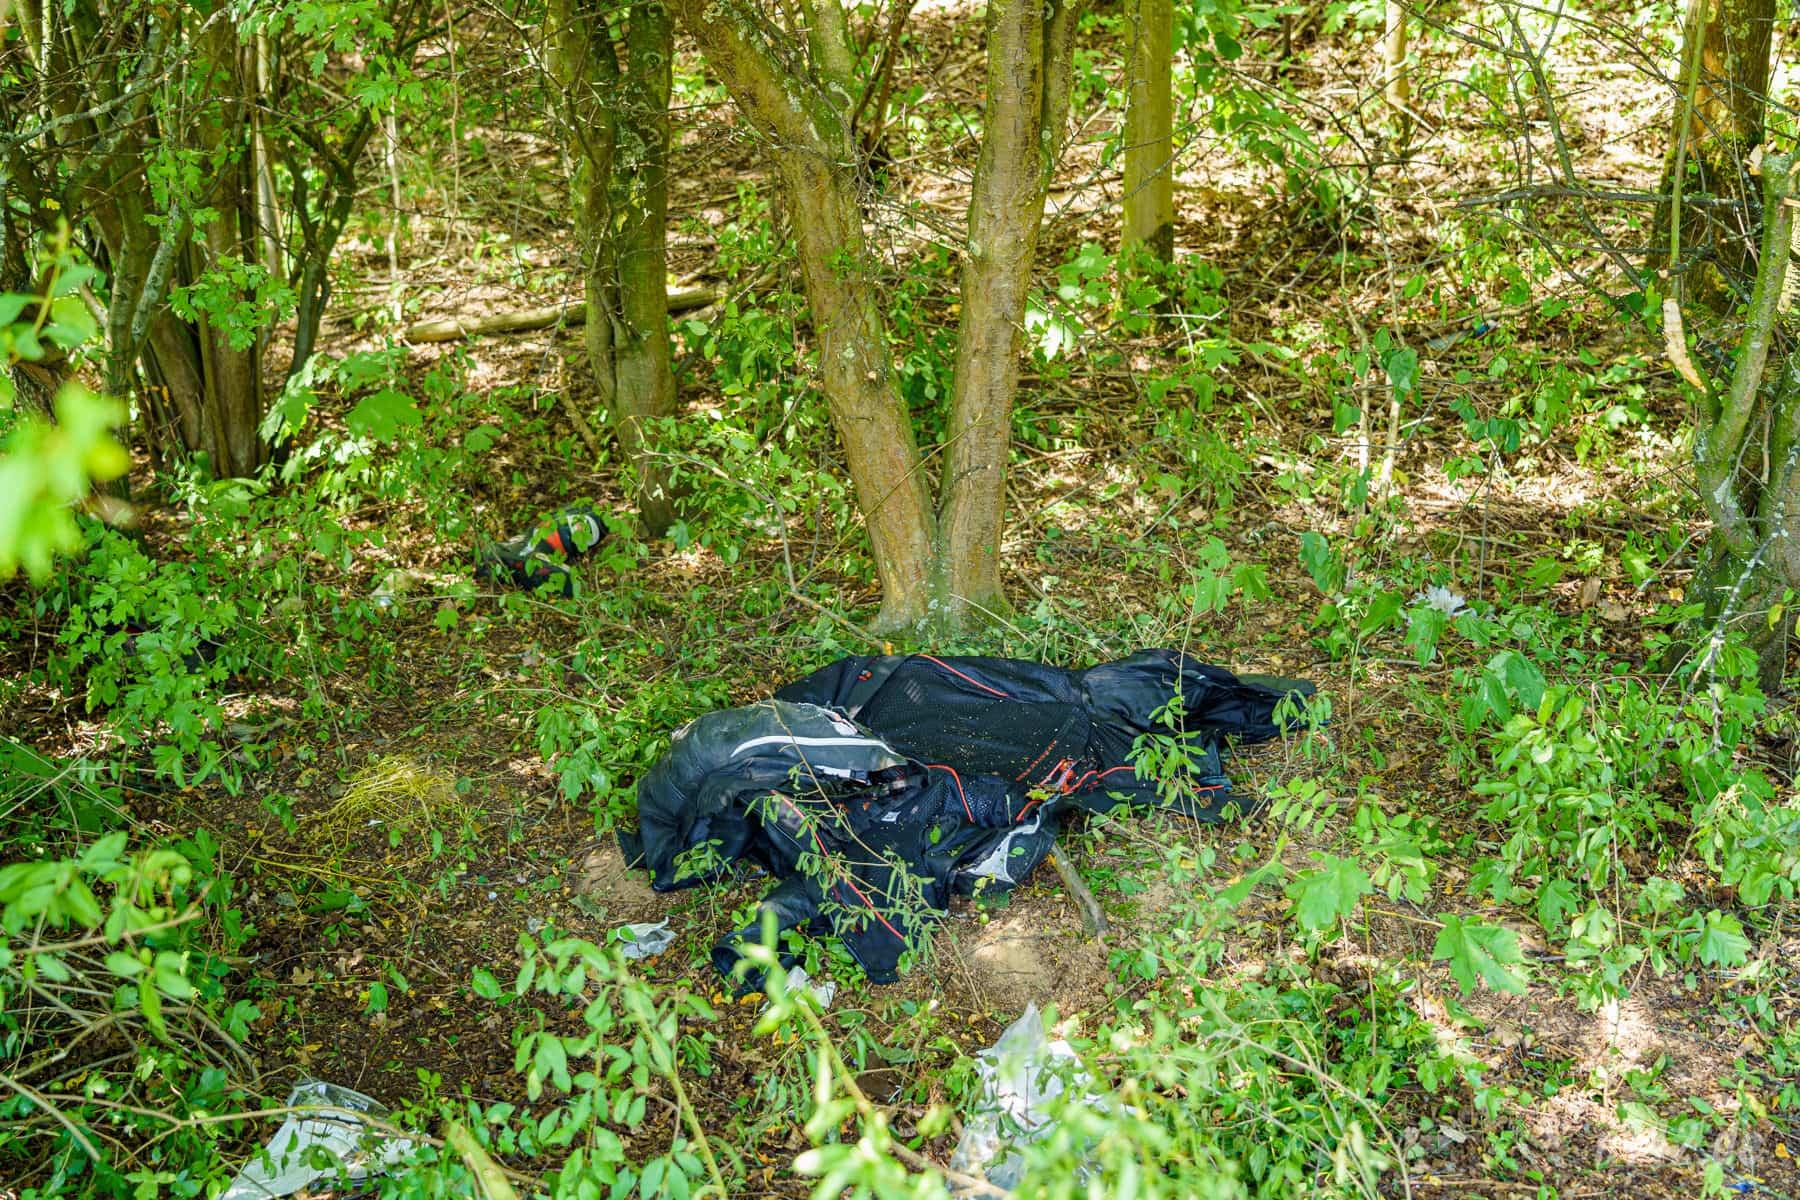 Die Motorradkombi liegt noch im Wäldchen - der Rettungsdienst hatte sie mit einer Kleiderschere entfernt (Foto: n112.de/Stefan Simonsen)